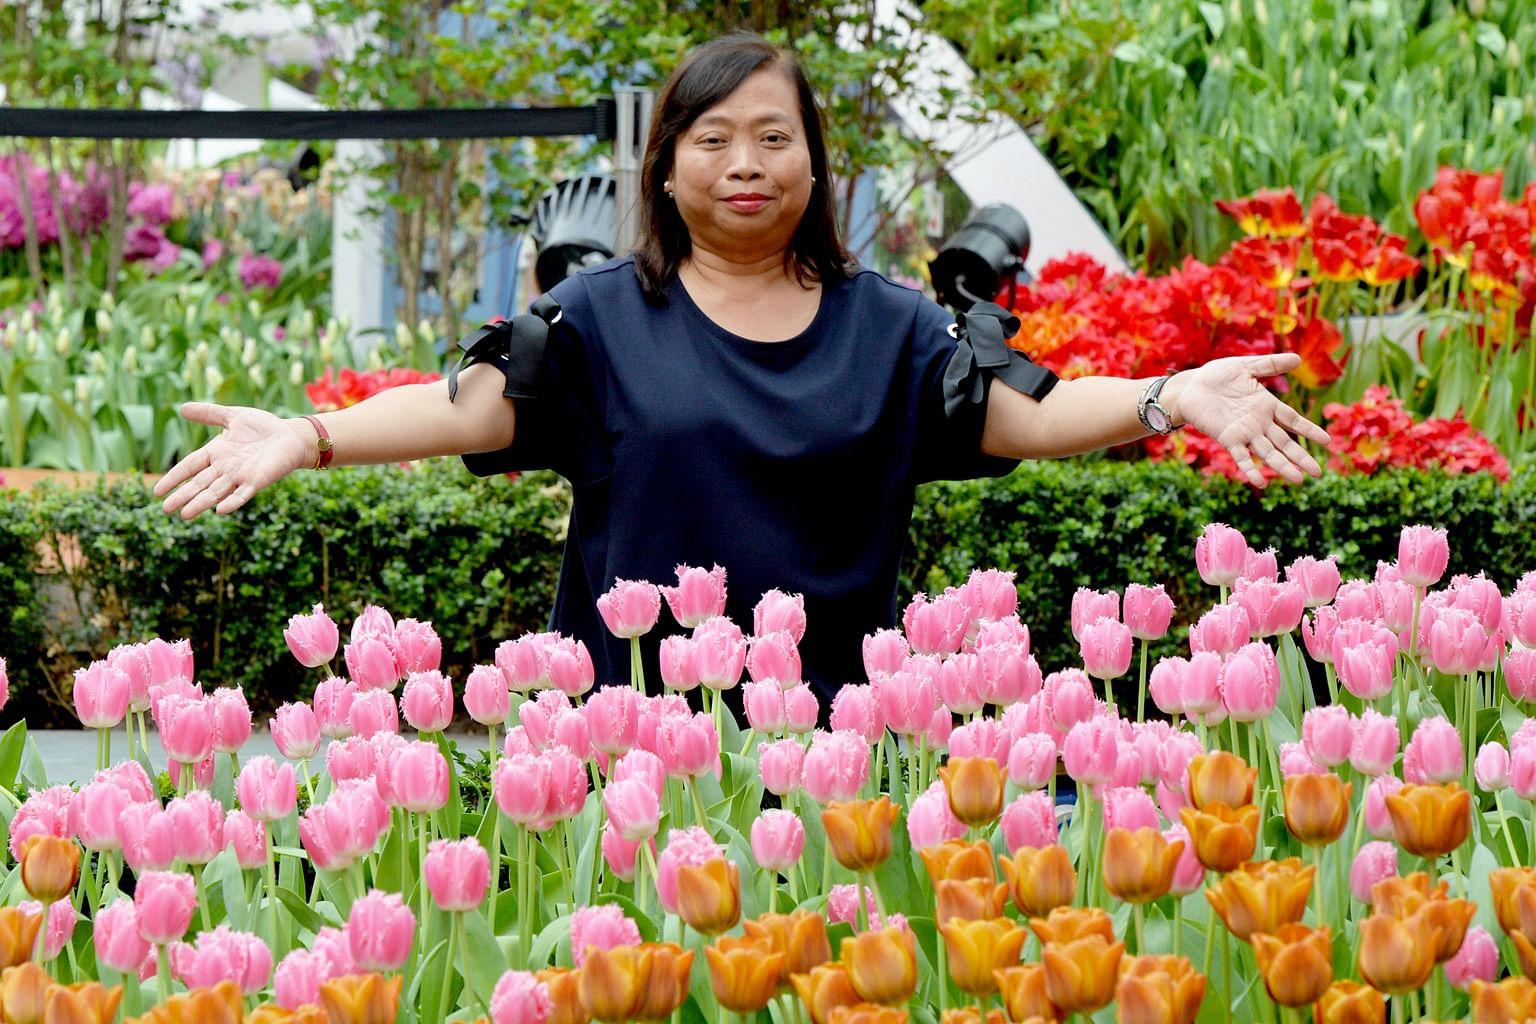 Sentuhan bagi pastikan bunga di taman harum mekar